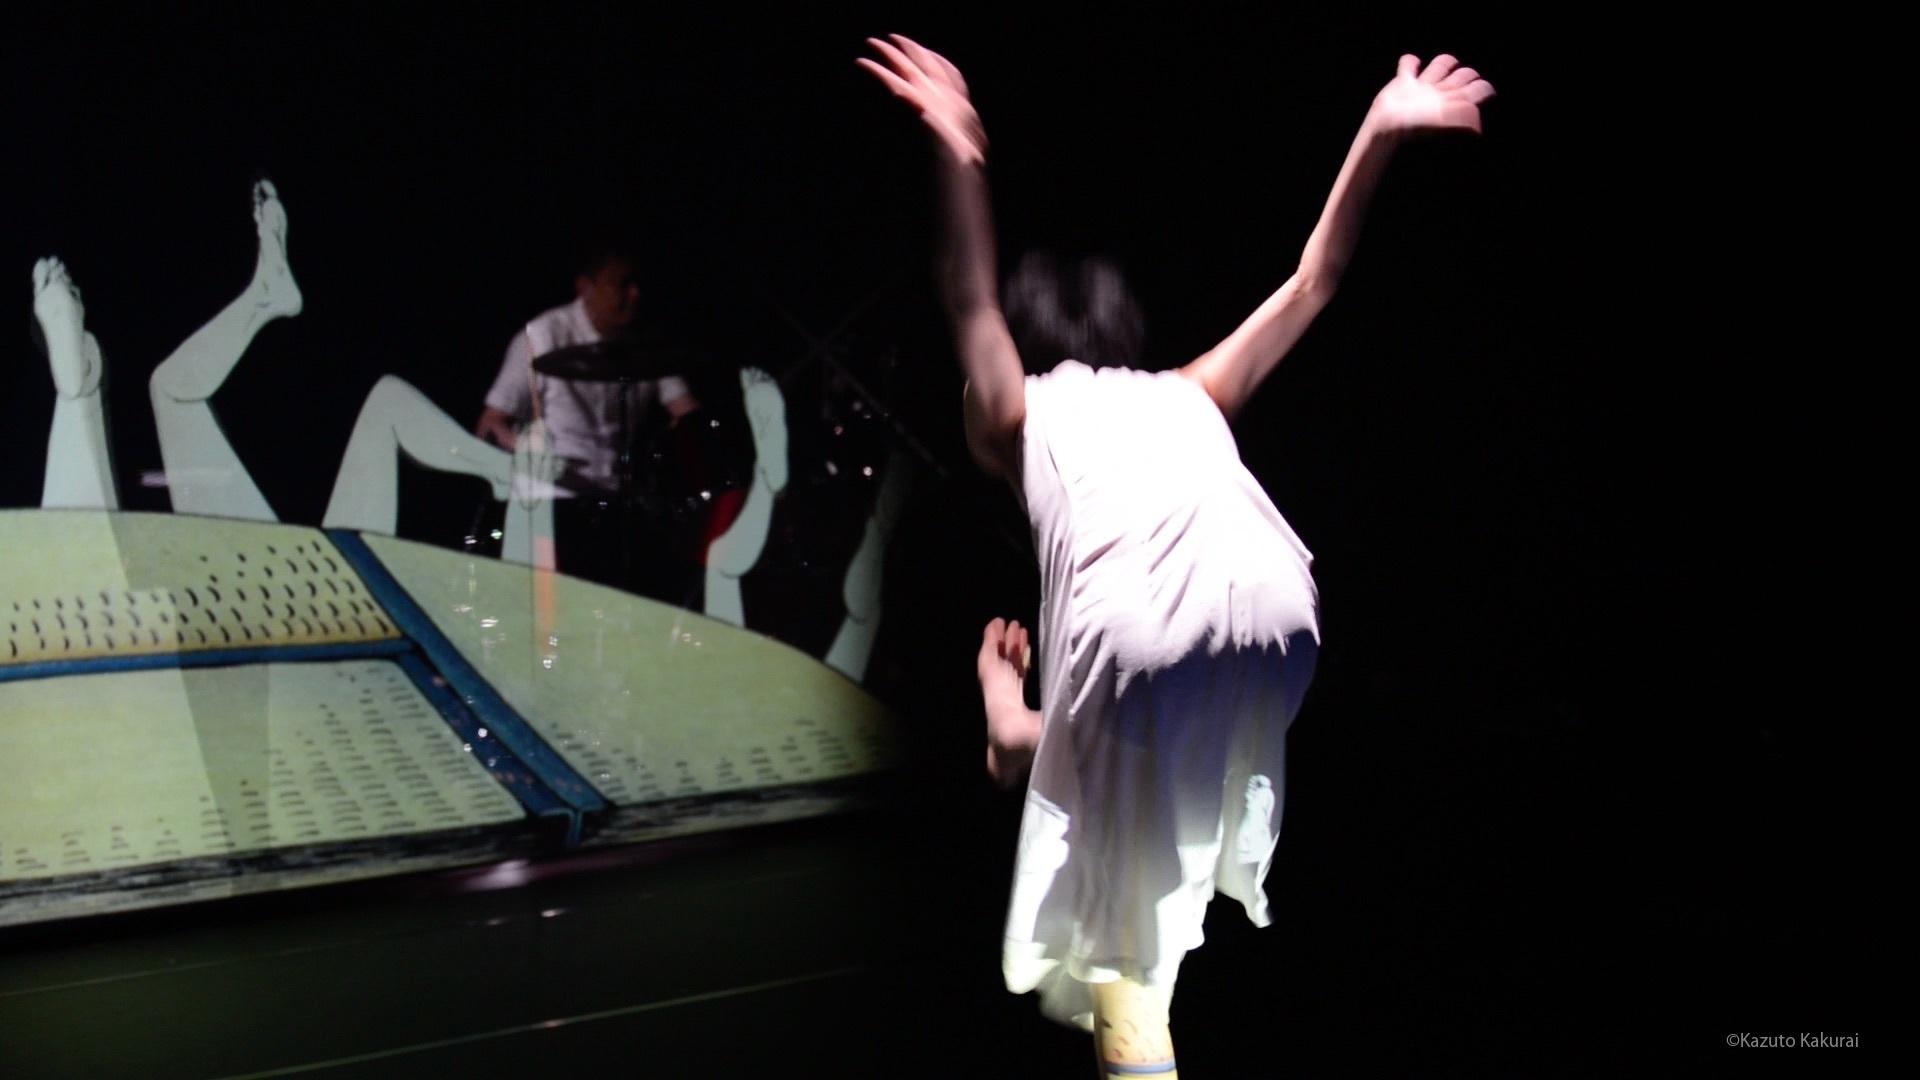 映像芝居『錆からでた実』ショーイング風景@城崎国際アートセンター ©Kazuto Kakurai